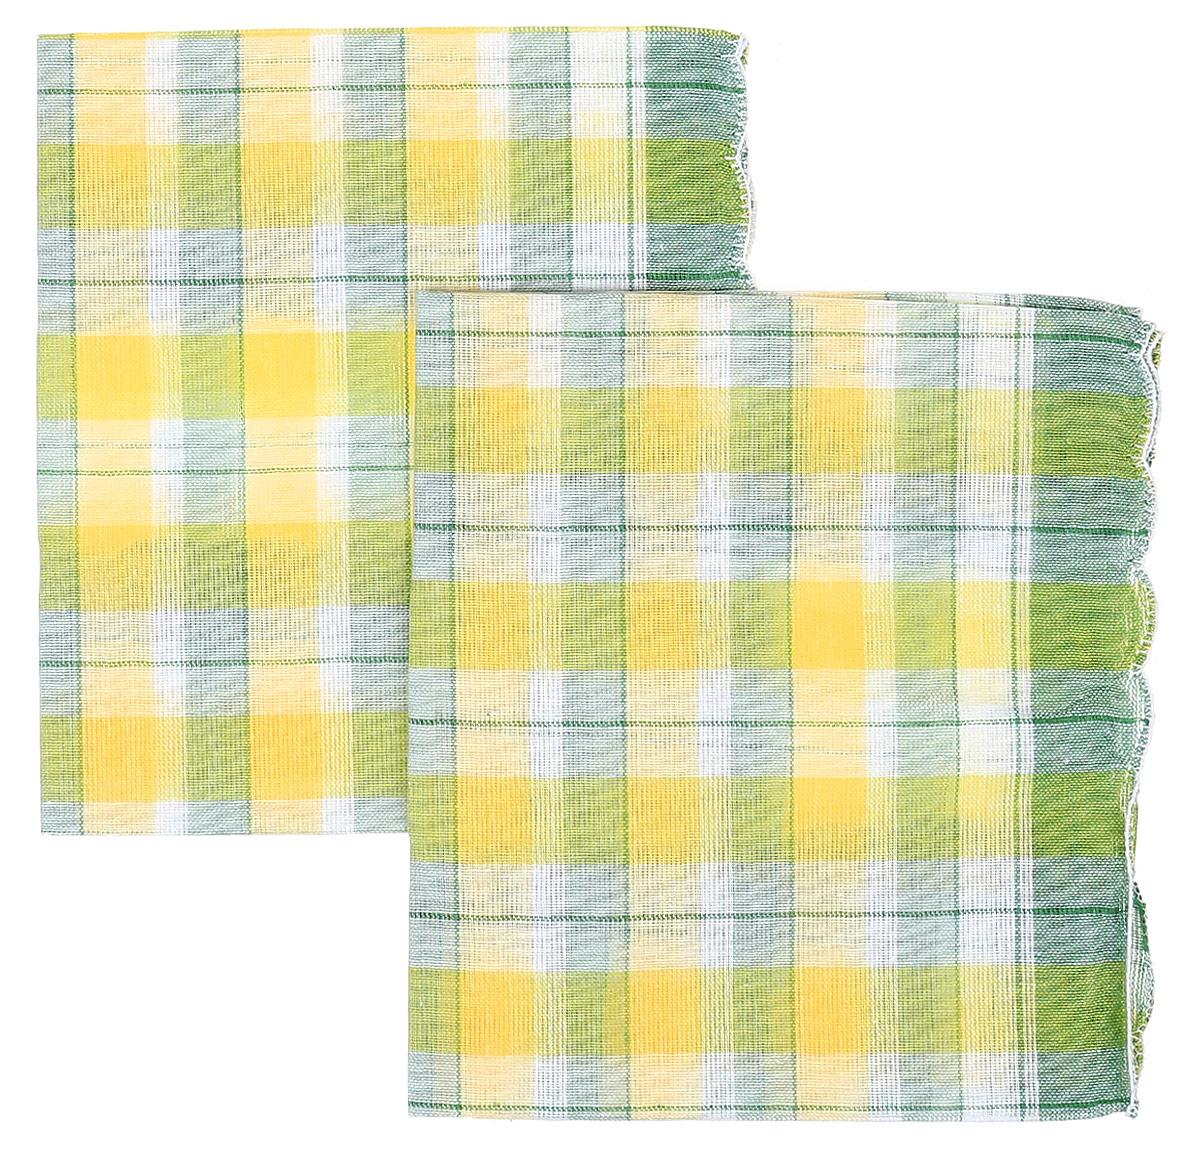 Платок носовой женский Zlata Korunka, цвет: желтый, зеленый, 4 шт. 71417. Размер 27 х 27 см71417_желтый, зеленыйЖенские носовые платки Zlata Korunka изготовлены из натурального хлопка, приятны в использовании, хорошо стираются, материал не садится и отлично впитывает влагу. В упаковке 4 штуки.